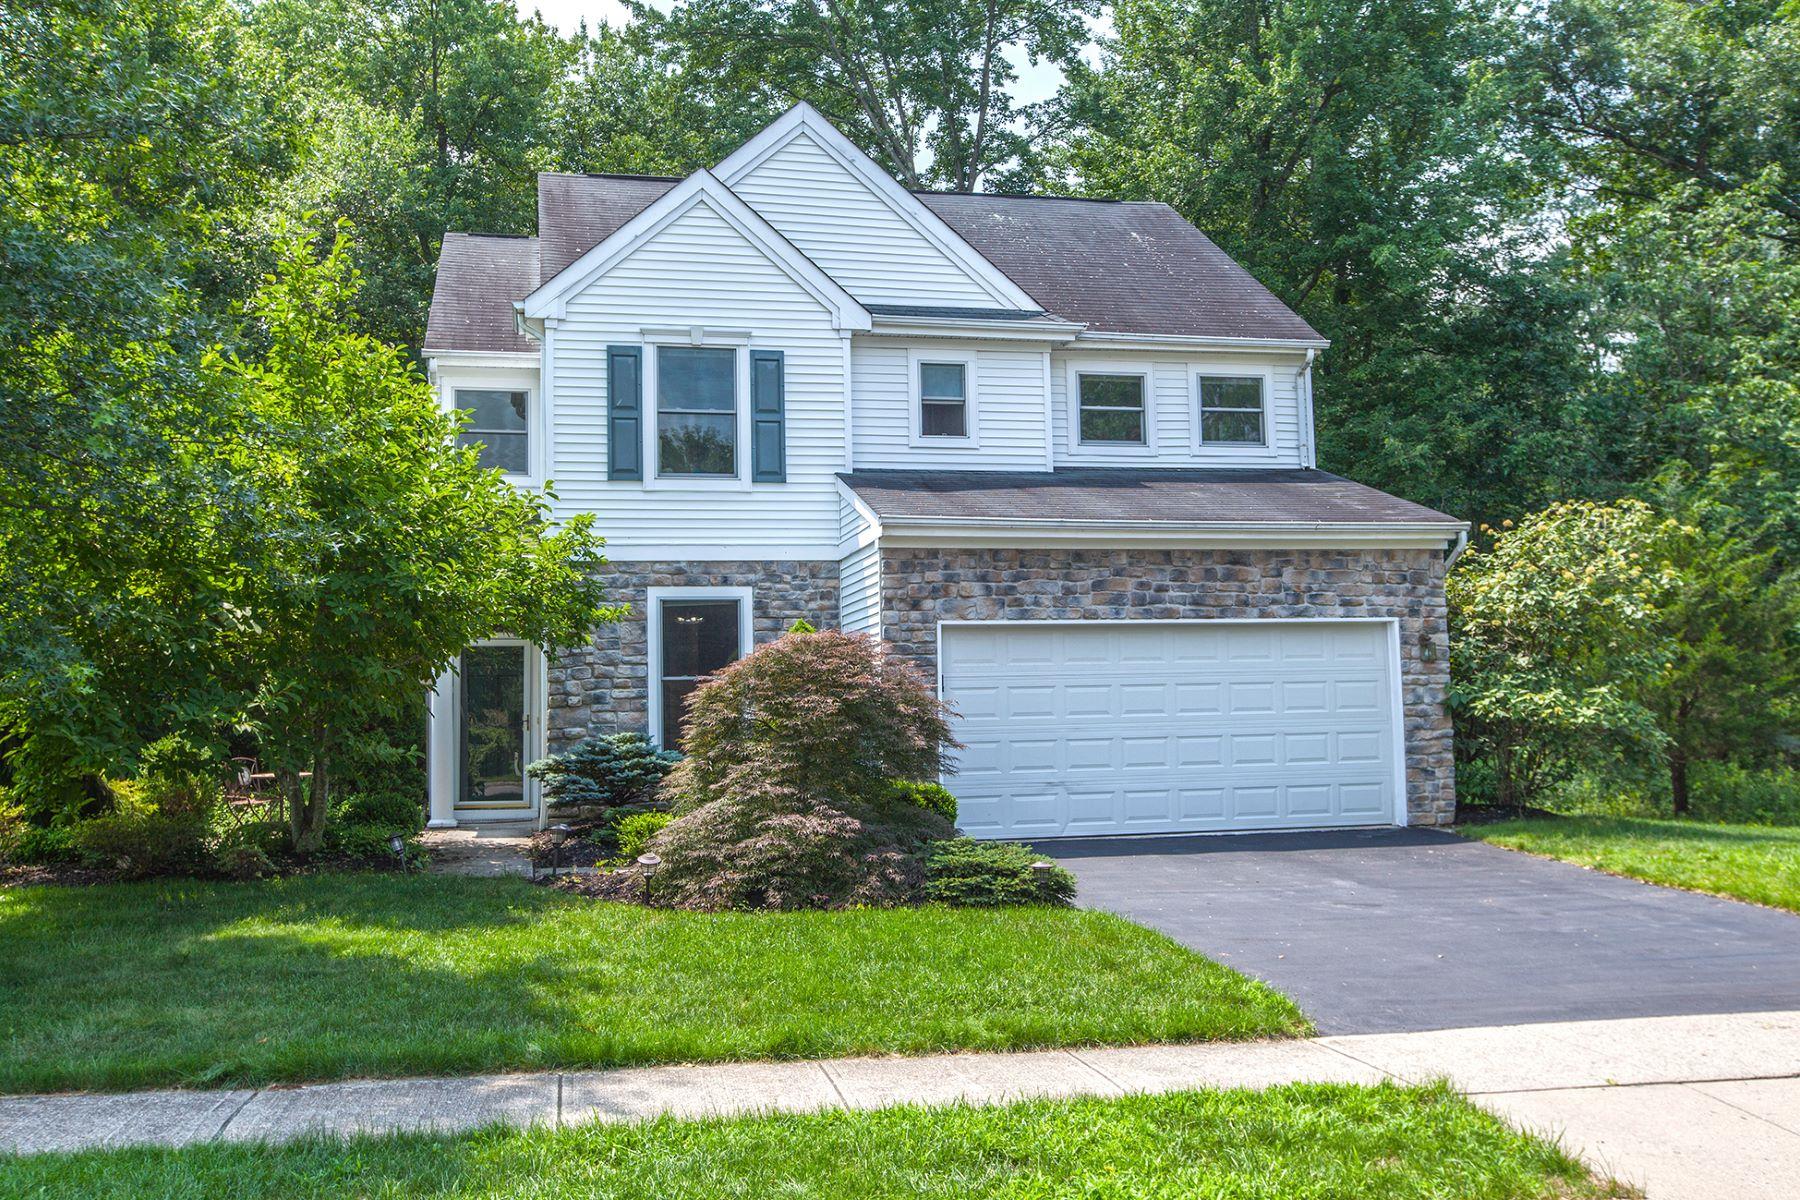 단독 가정 주택 용 매매 에 Beautifully Upgraded In Woods Edge - Montgomery Township 73 Harvard Circle Princeton, 뉴저지, 08540 미국